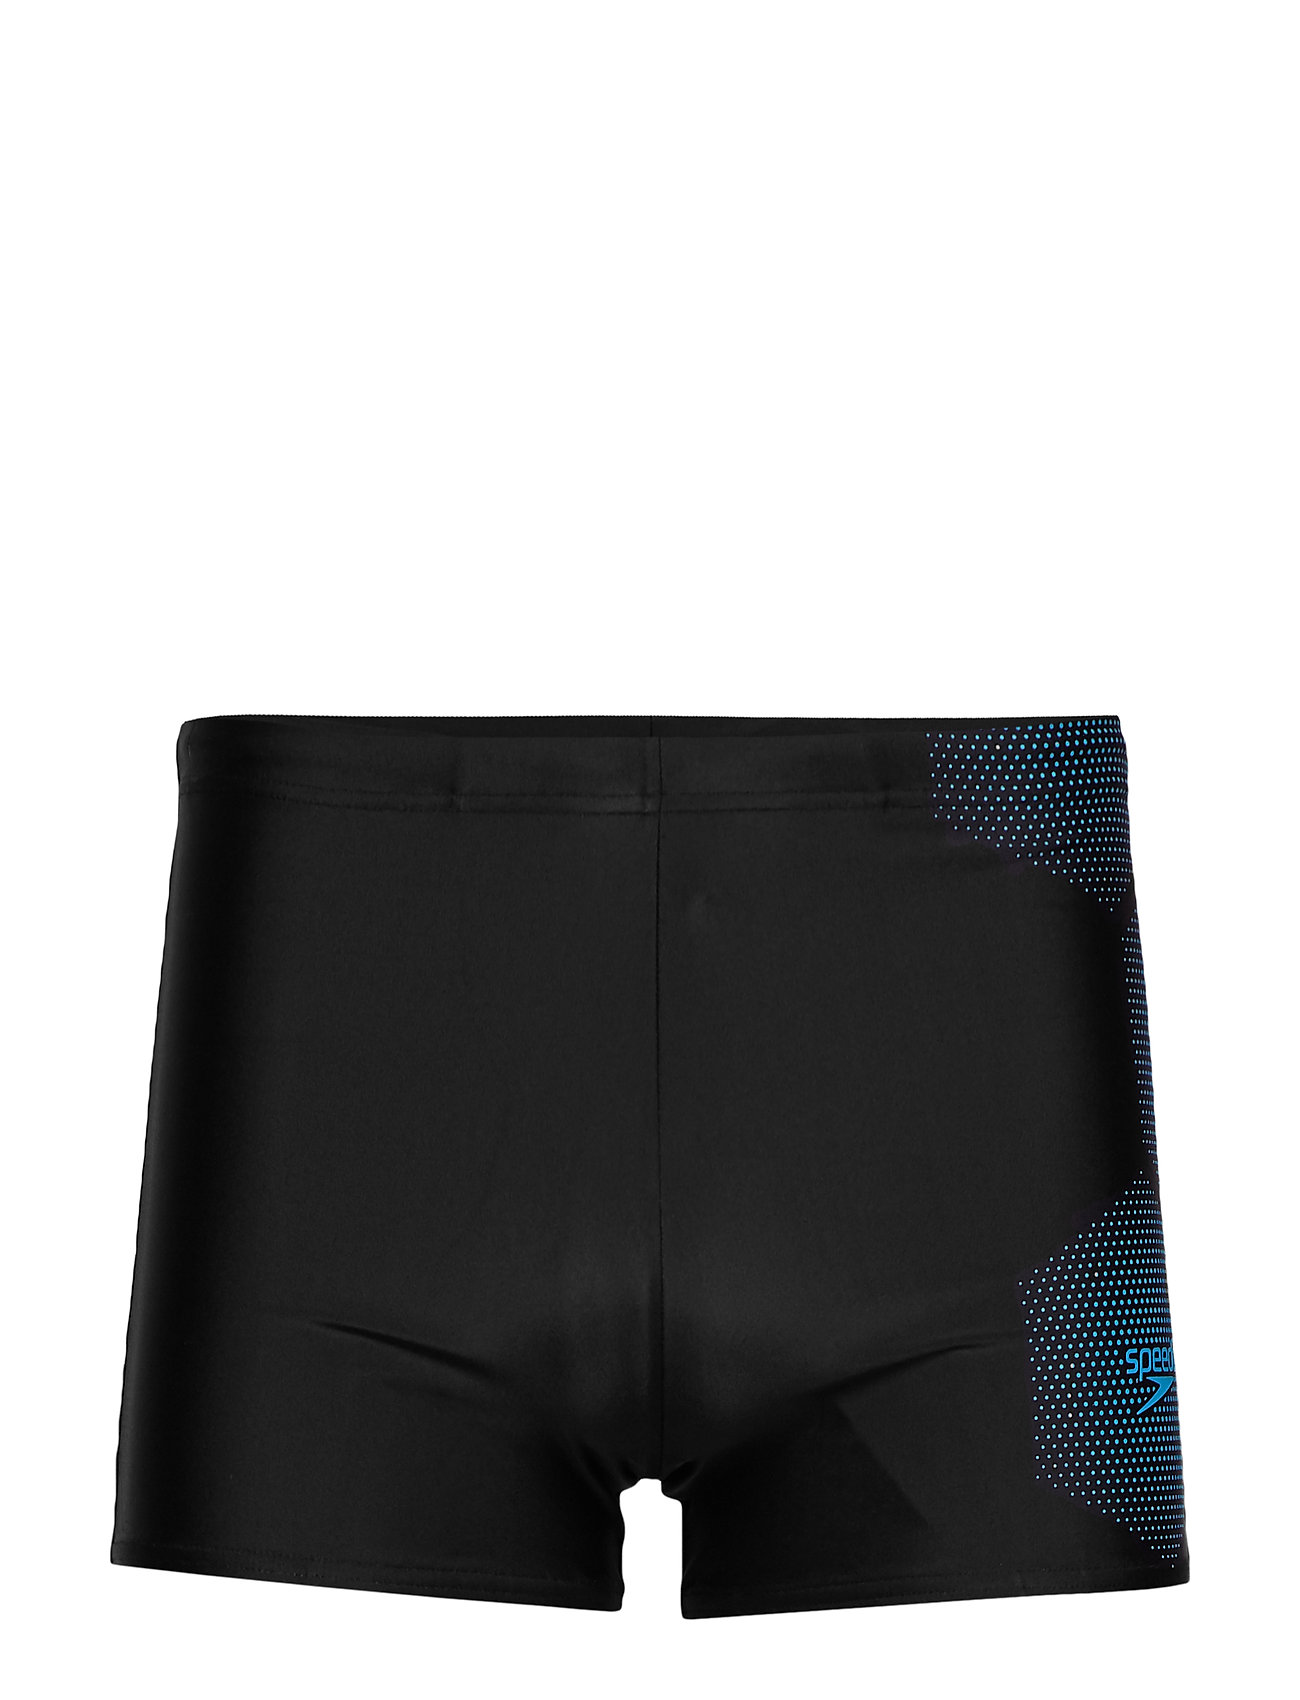 Image of Speedo Gala Logo Aquashort Am Black/White 2 Swimwear Briefs & Speedos Sort Speedo (3492045495)